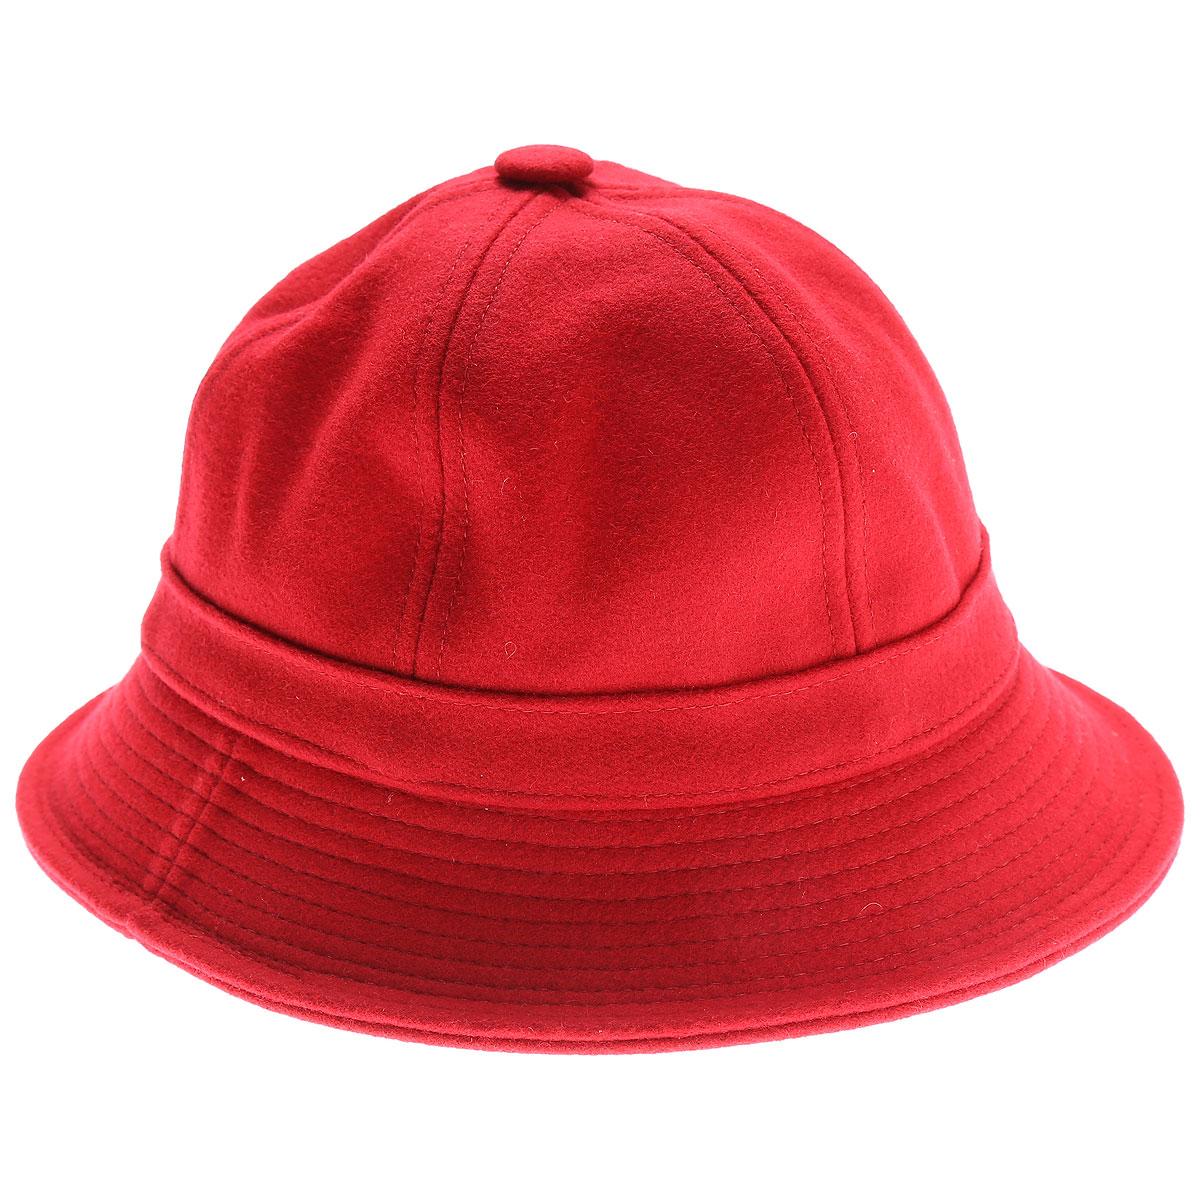 Comme des Garçons Chapeau Homme, Rouge, Coton, 2017, L M